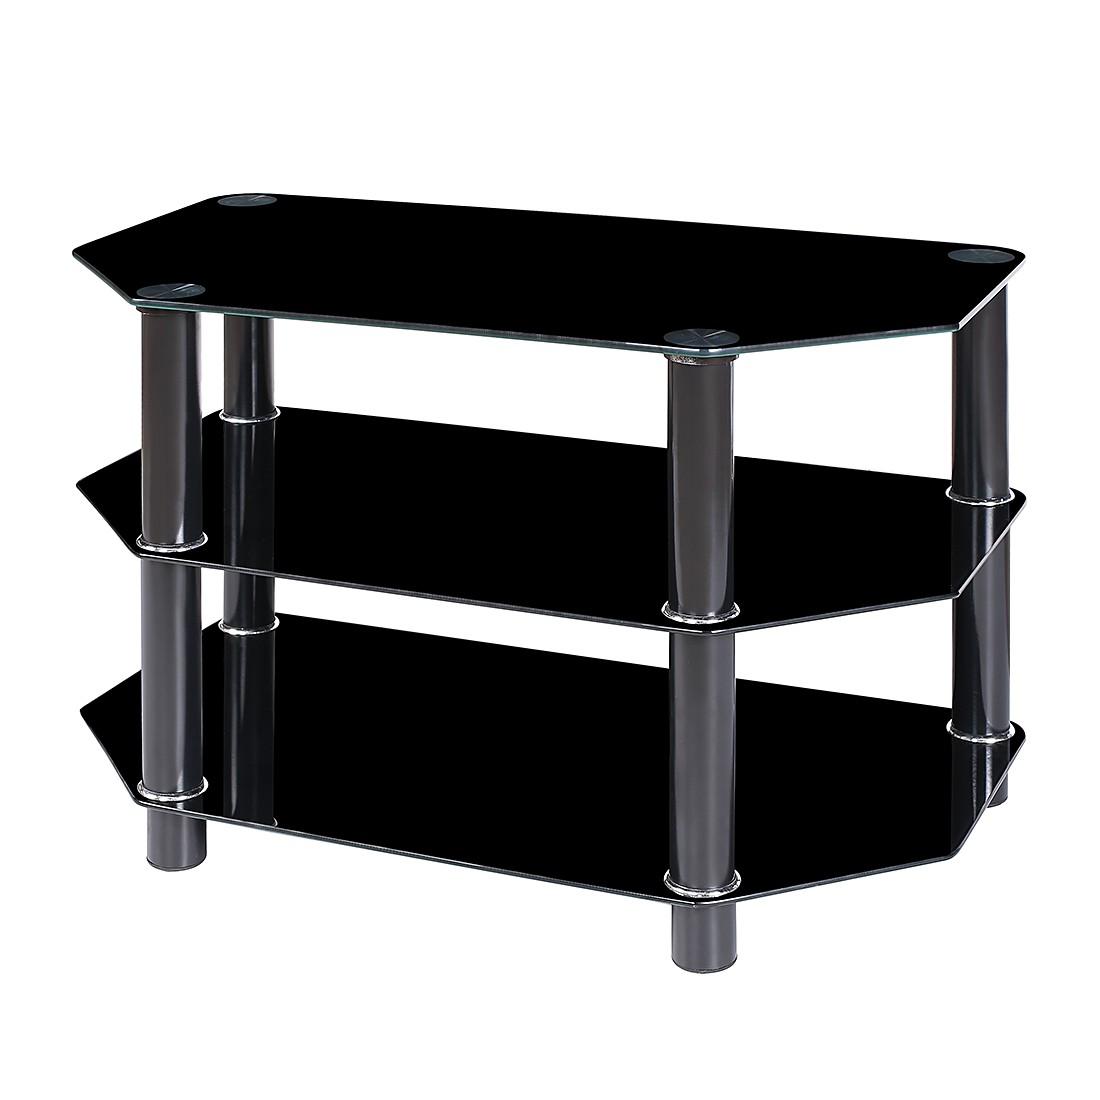 preisvergleich eu tv rack schwarzglas. Black Bedroom Furniture Sets. Home Design Ideas